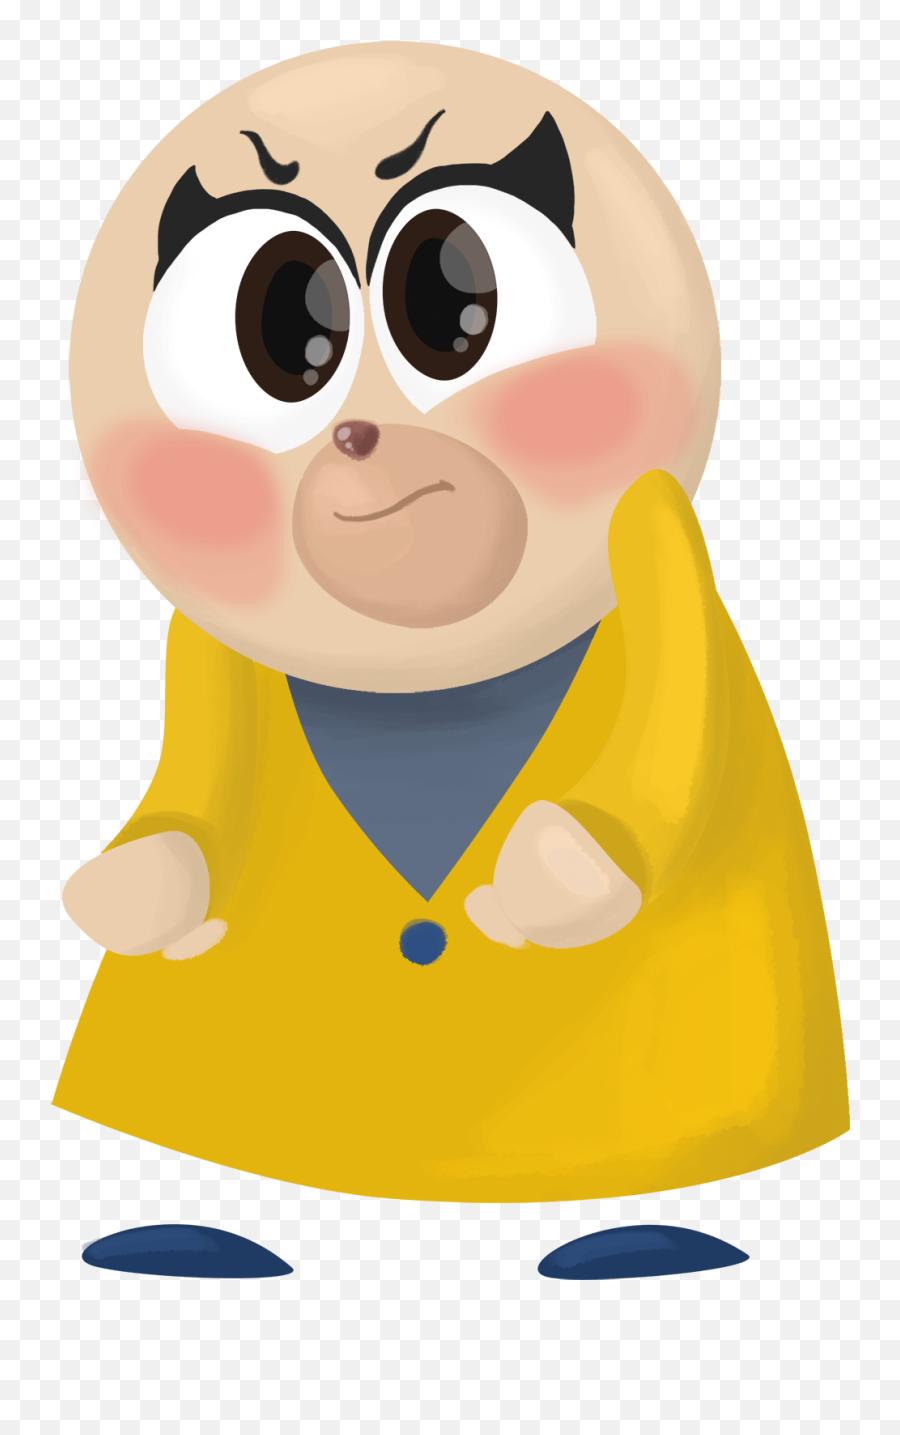 Leadstreet Funny Stickers By Leadersplay Games - Cartoon Emoji,Deer Emoji Iphone